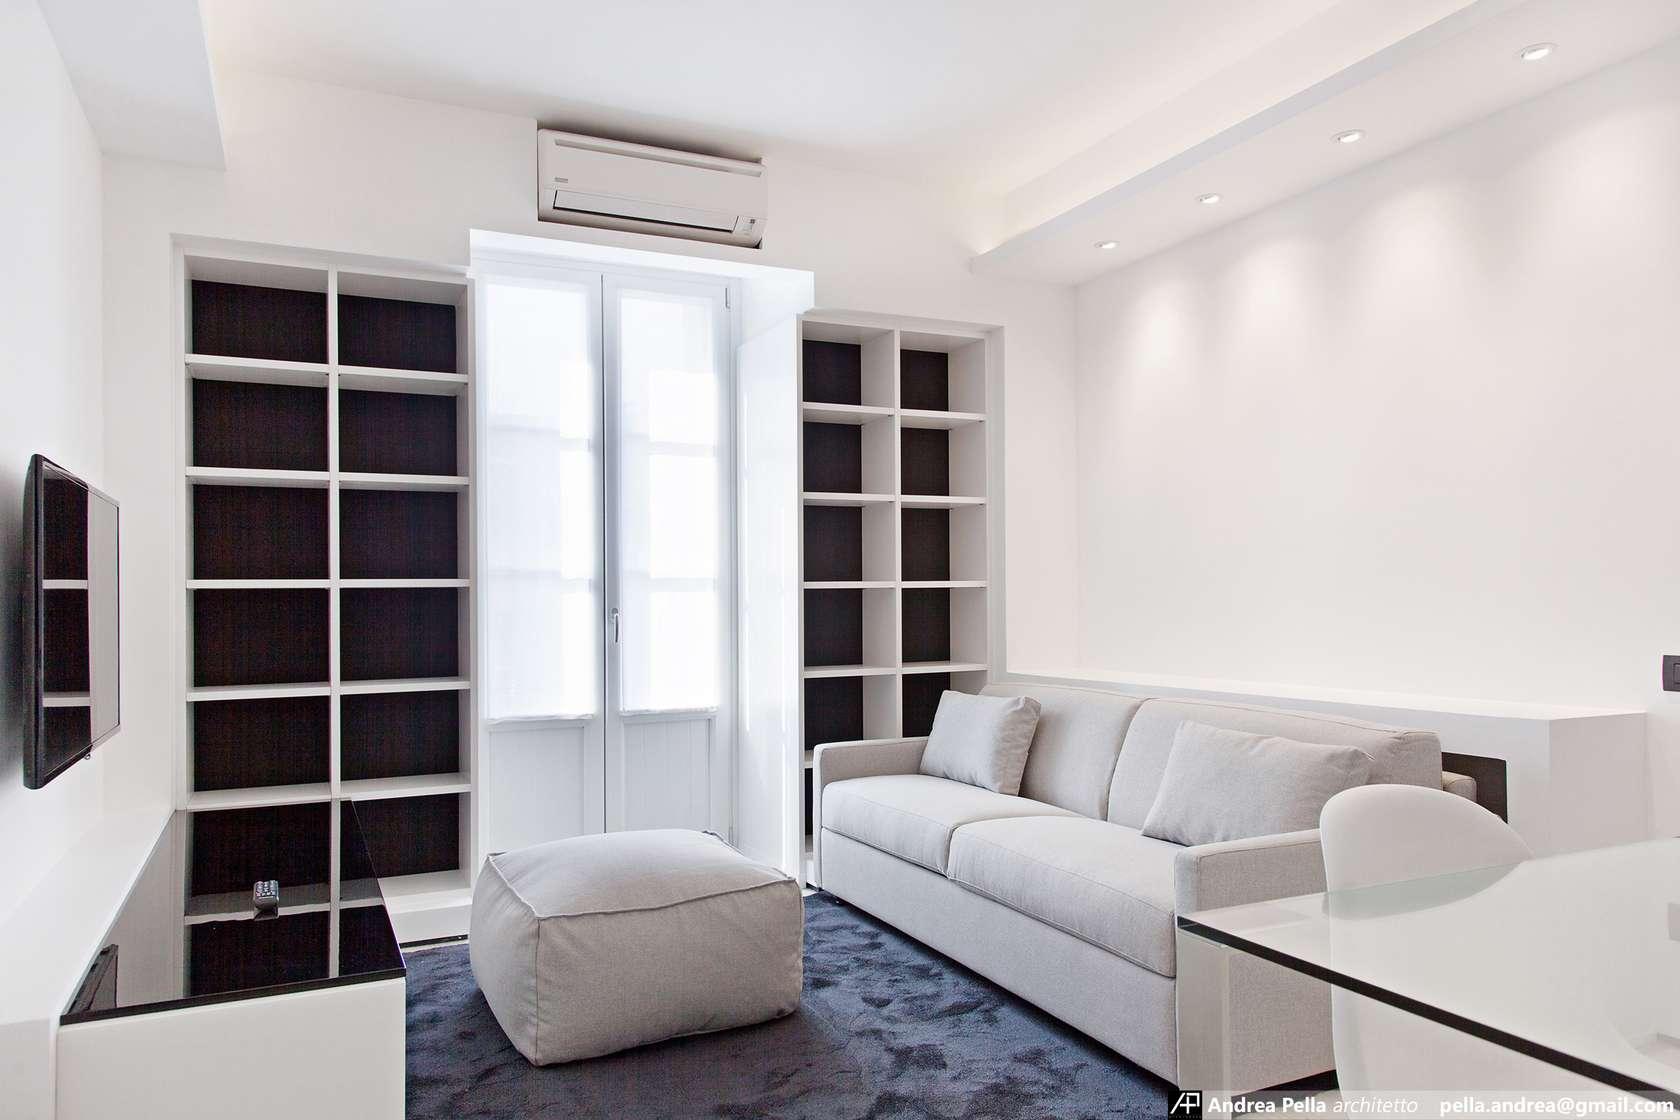 малък апартамент в минималистичен стил - 1